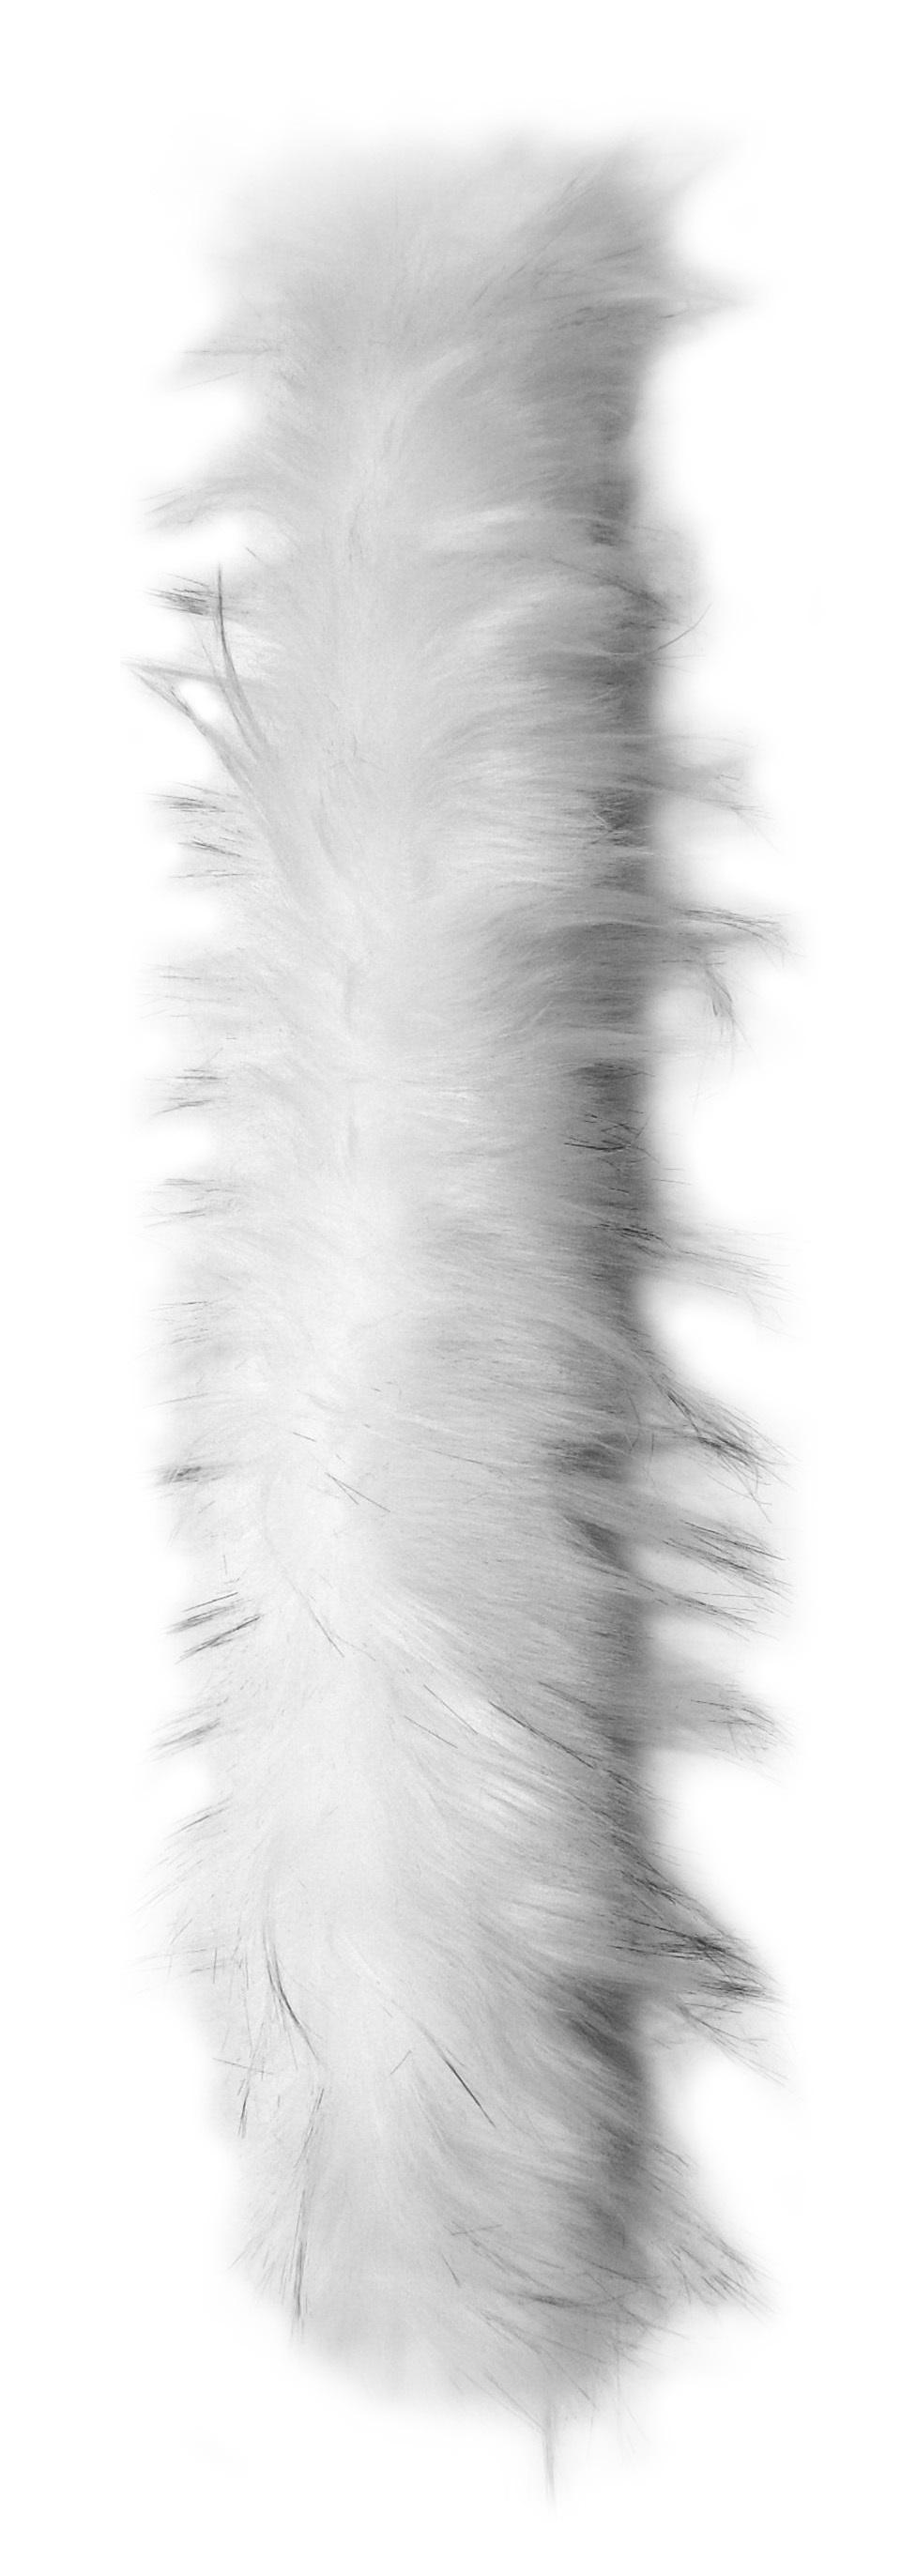 Опушка BASK Лиса арктическая искусственная 55*5 1214Разные аксессуары<br><br><br>Материал изготовления: Искусственный мех Лиса арктическая<br>Пол: Унисекс